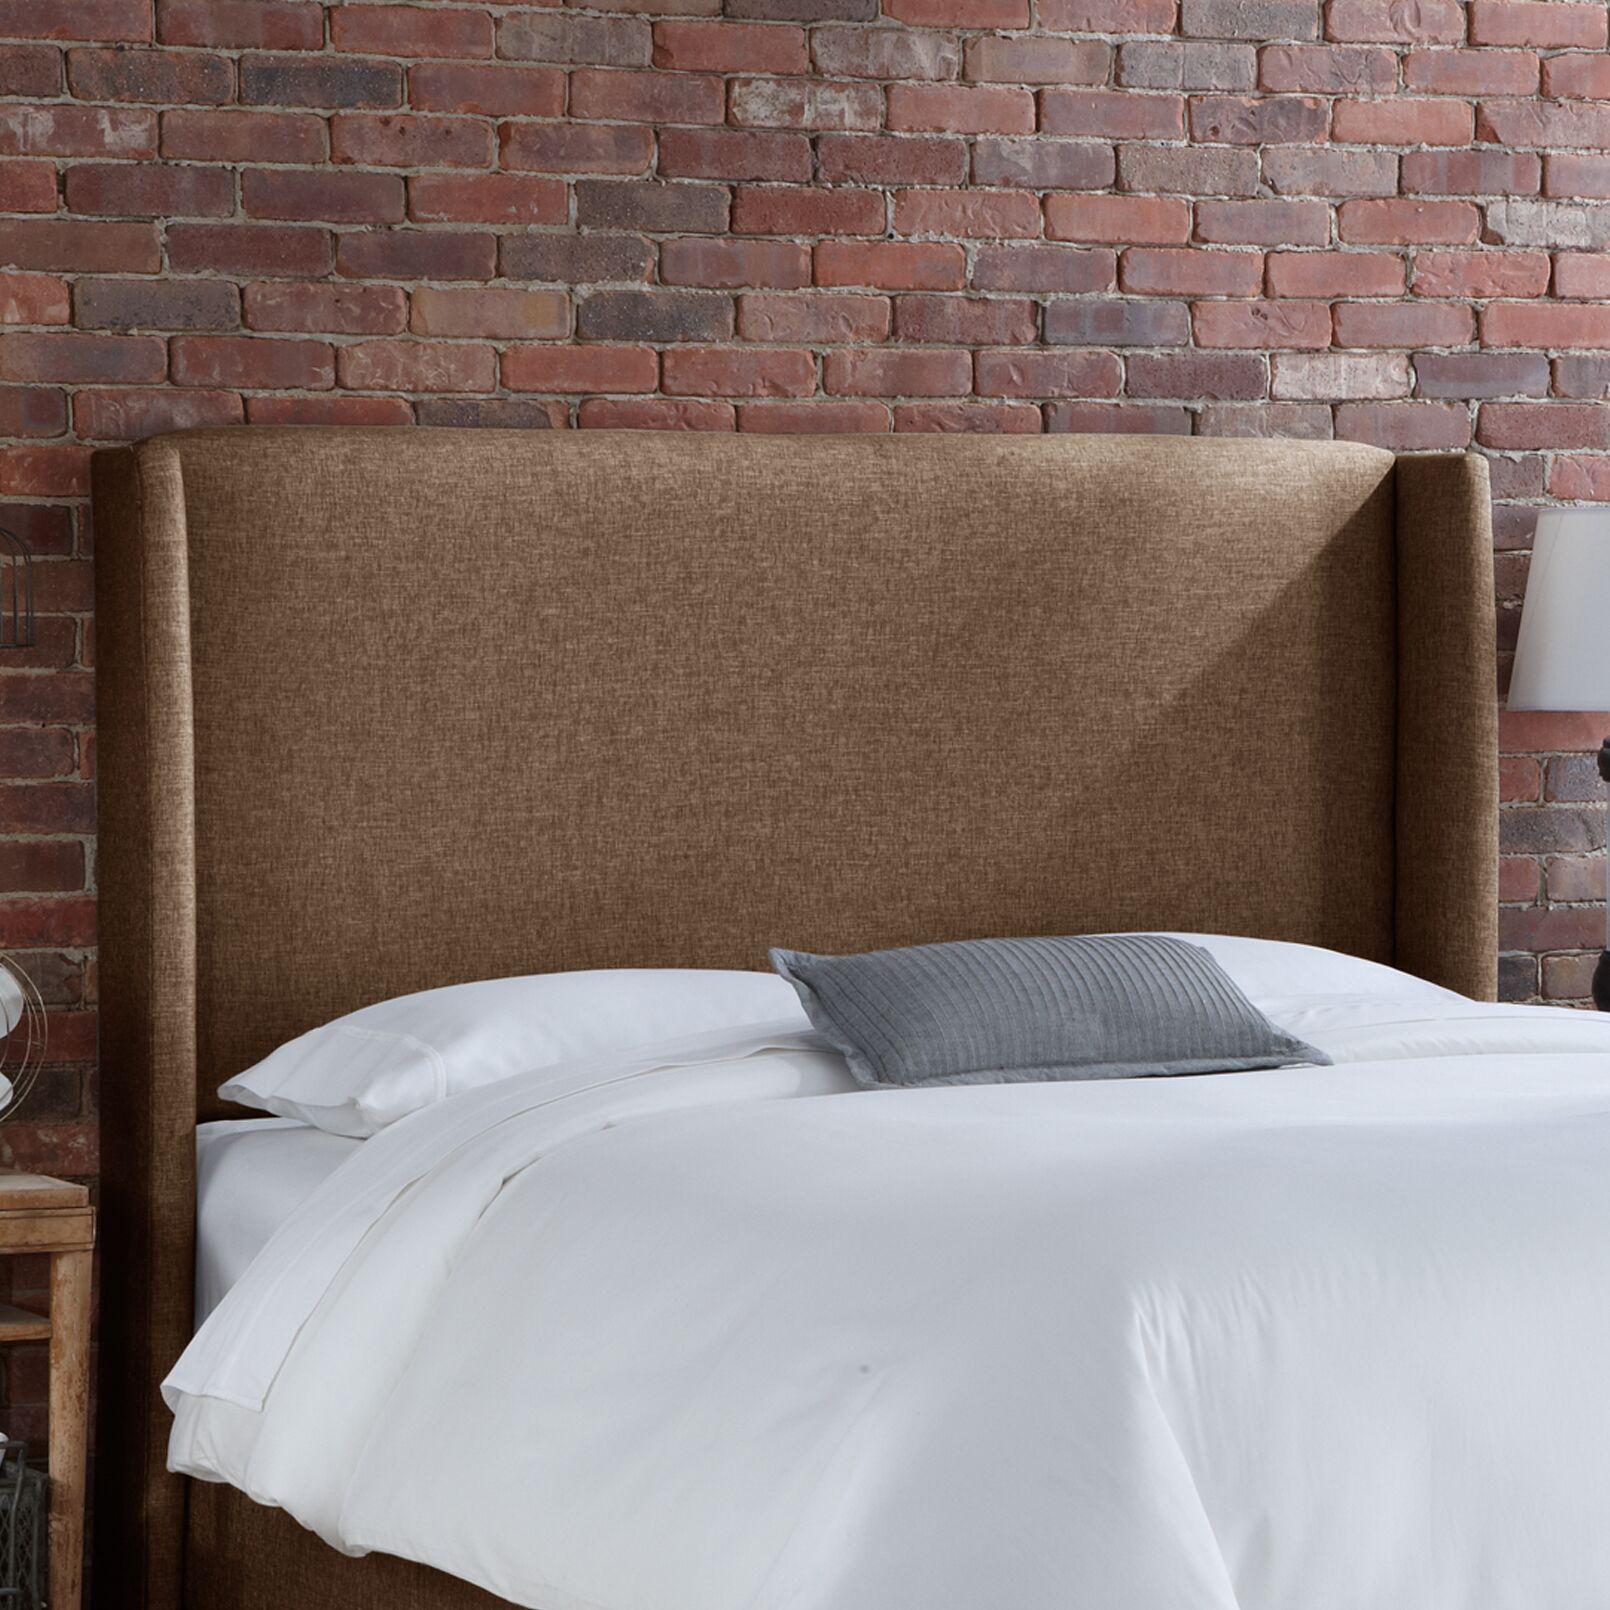 Wingback Upholstered Headboard Size: Full, Upholstery: Groupie Praline